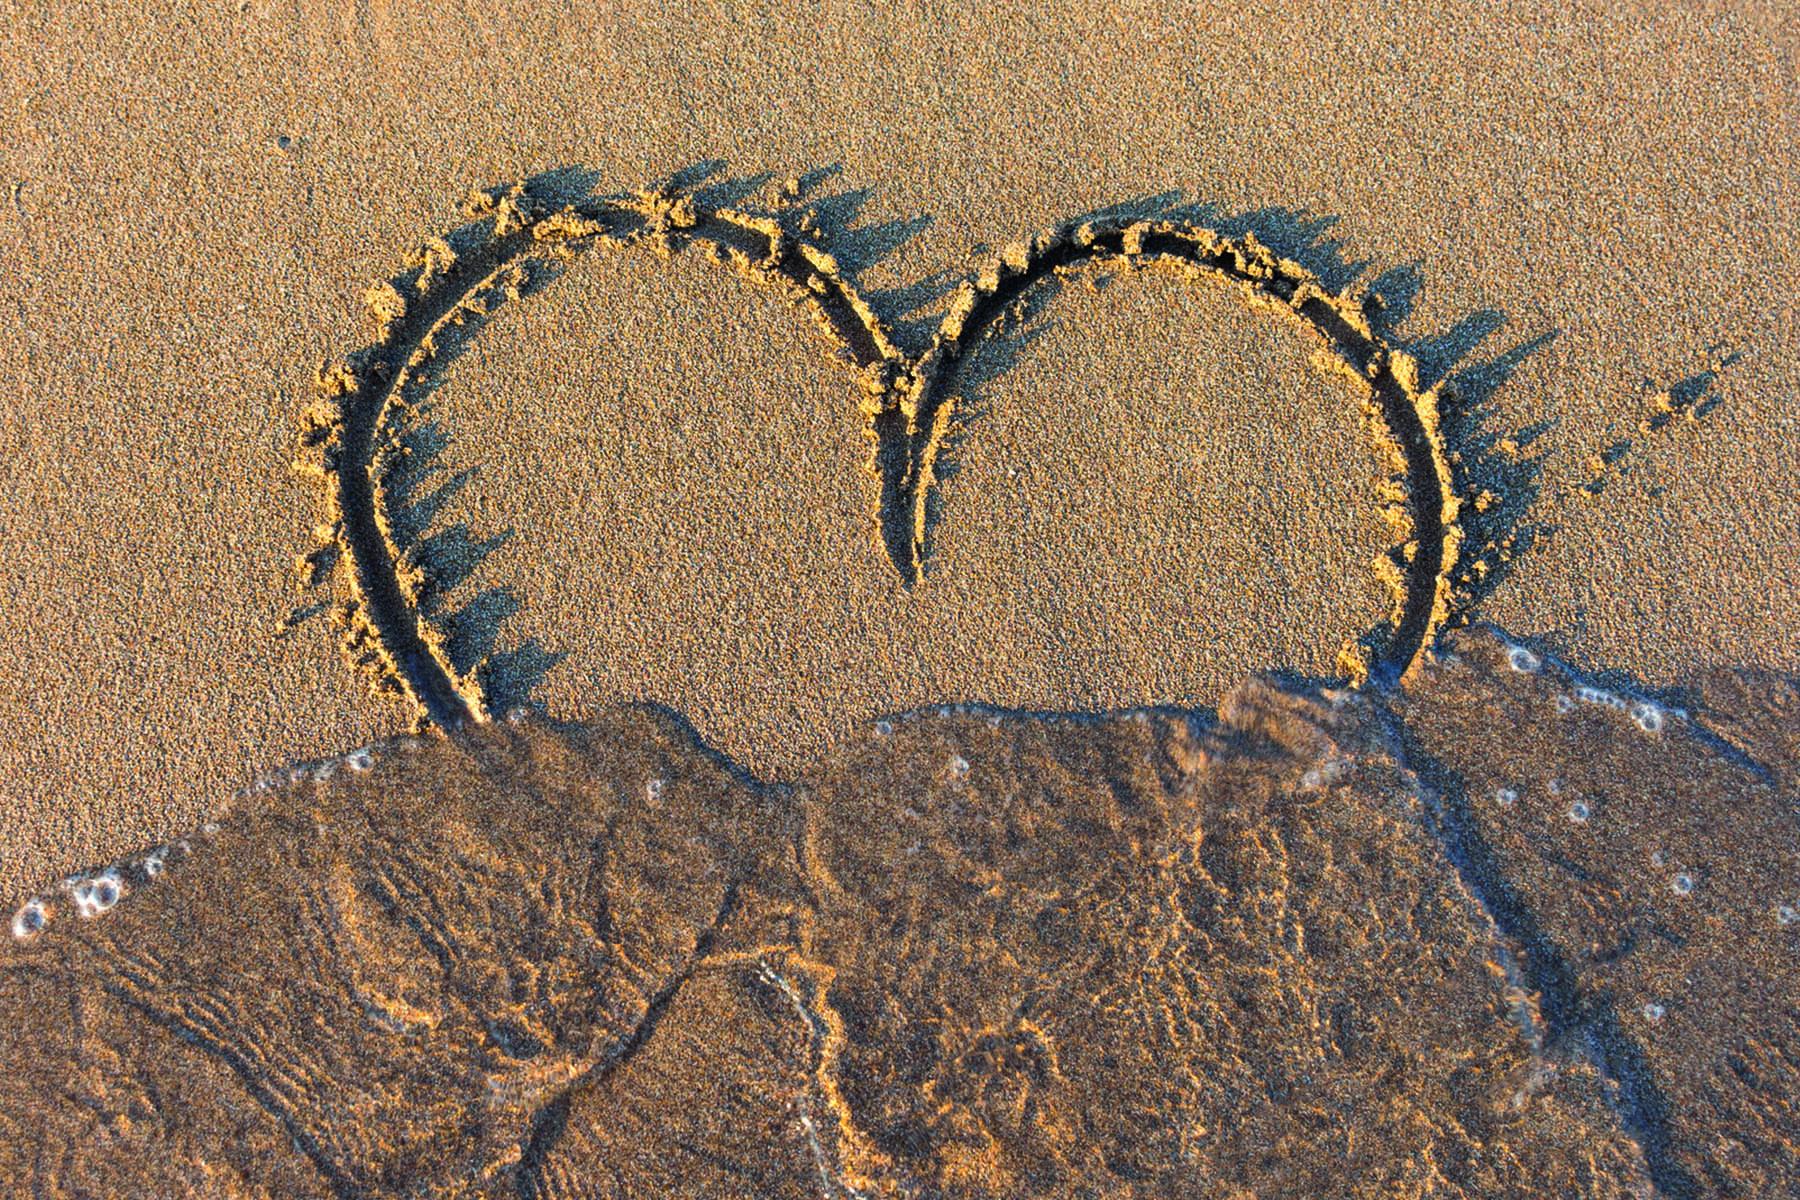 Ett hjärta skrivet i sanden sköljs bort av en våg